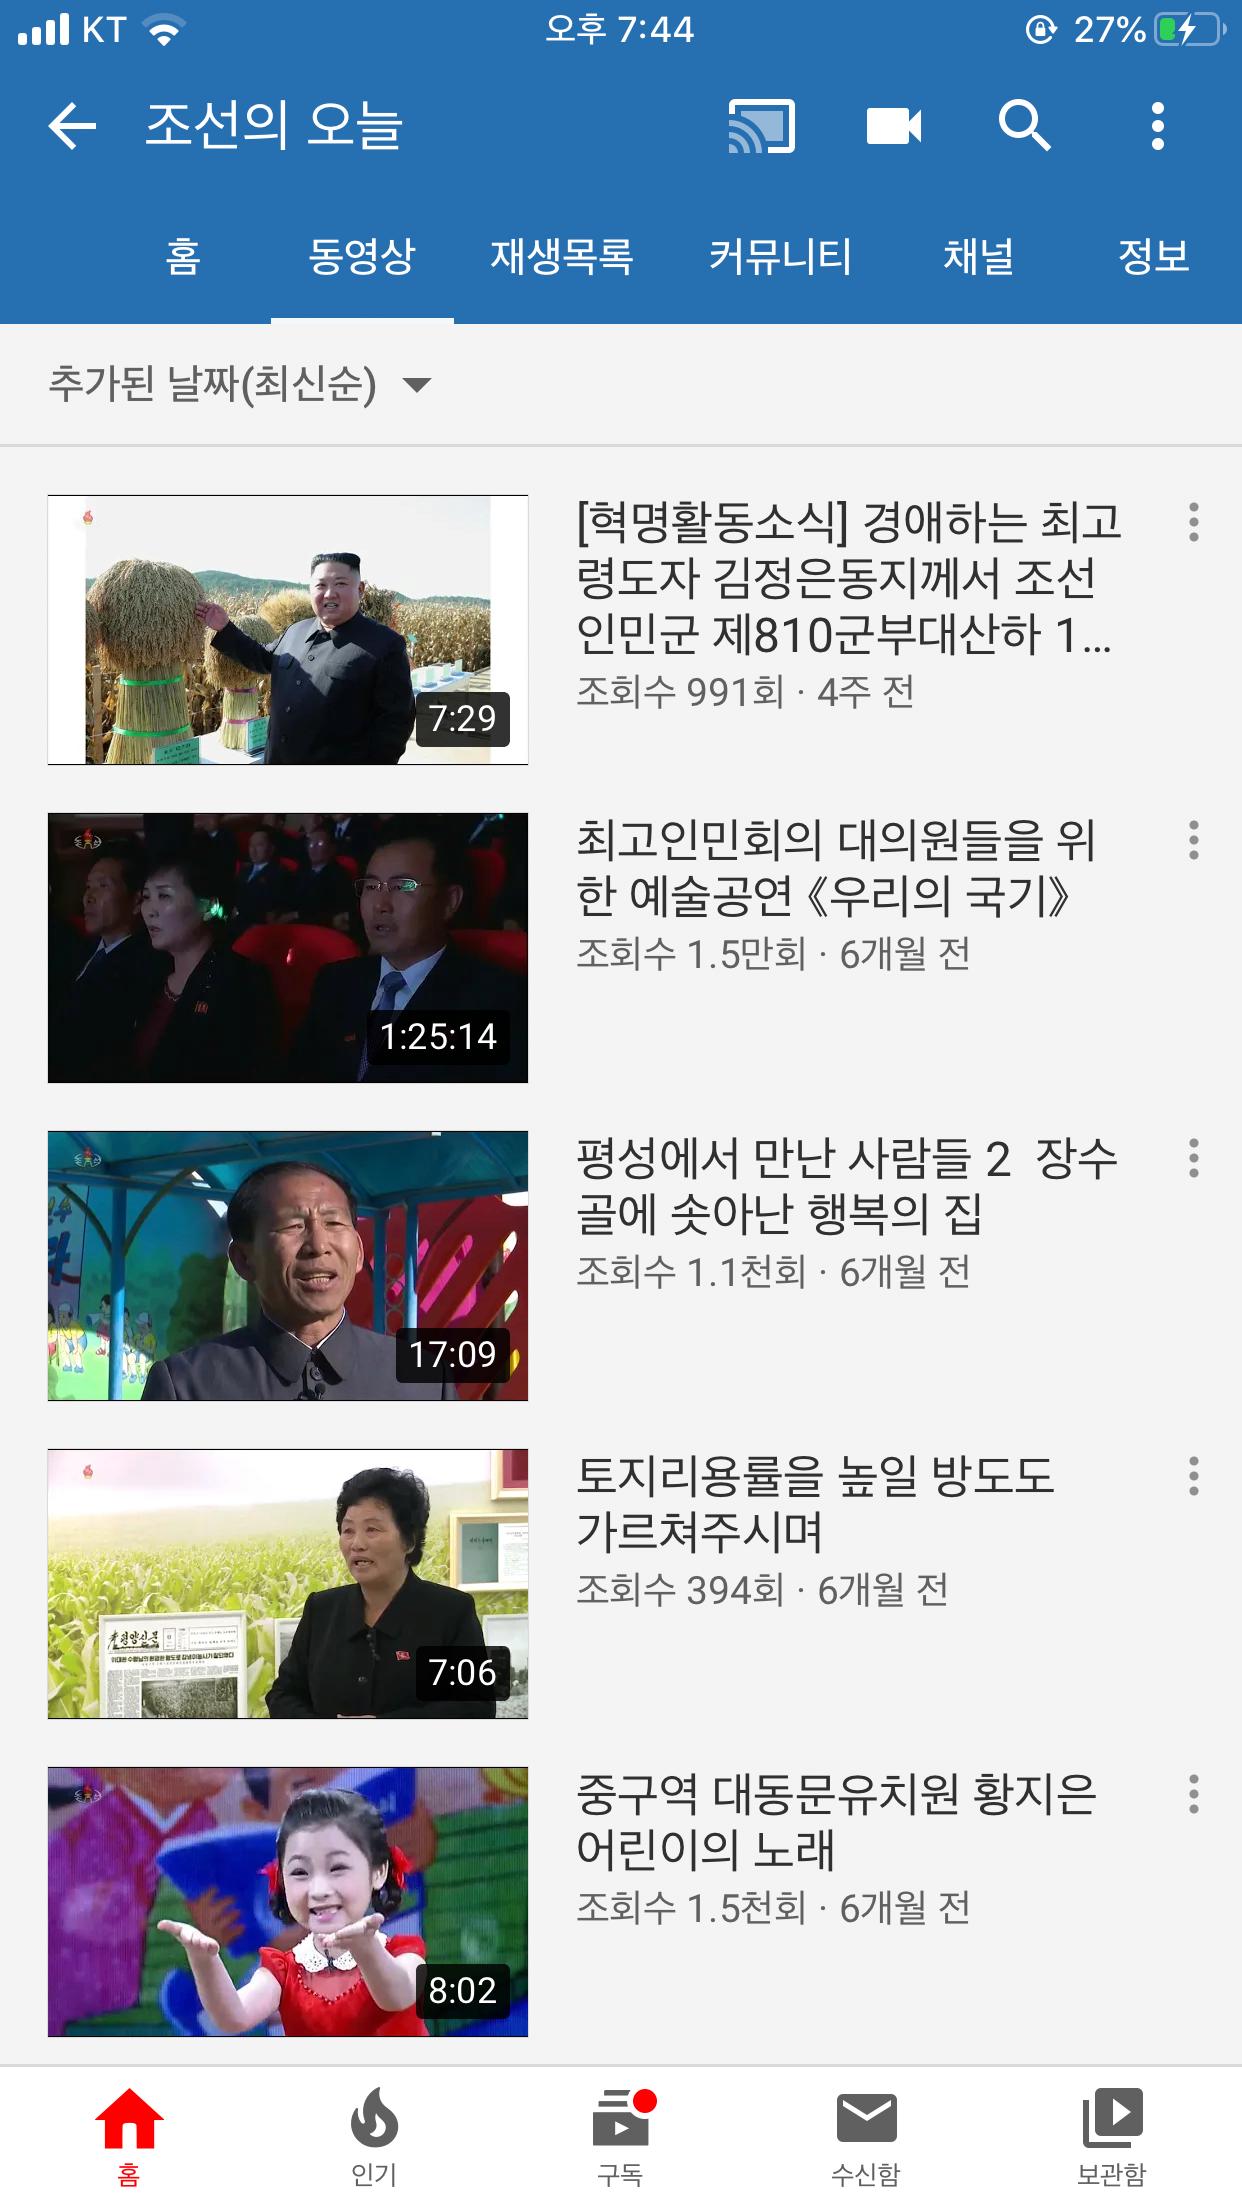 북한도 유튜브 채널있는거 알고 있었음???